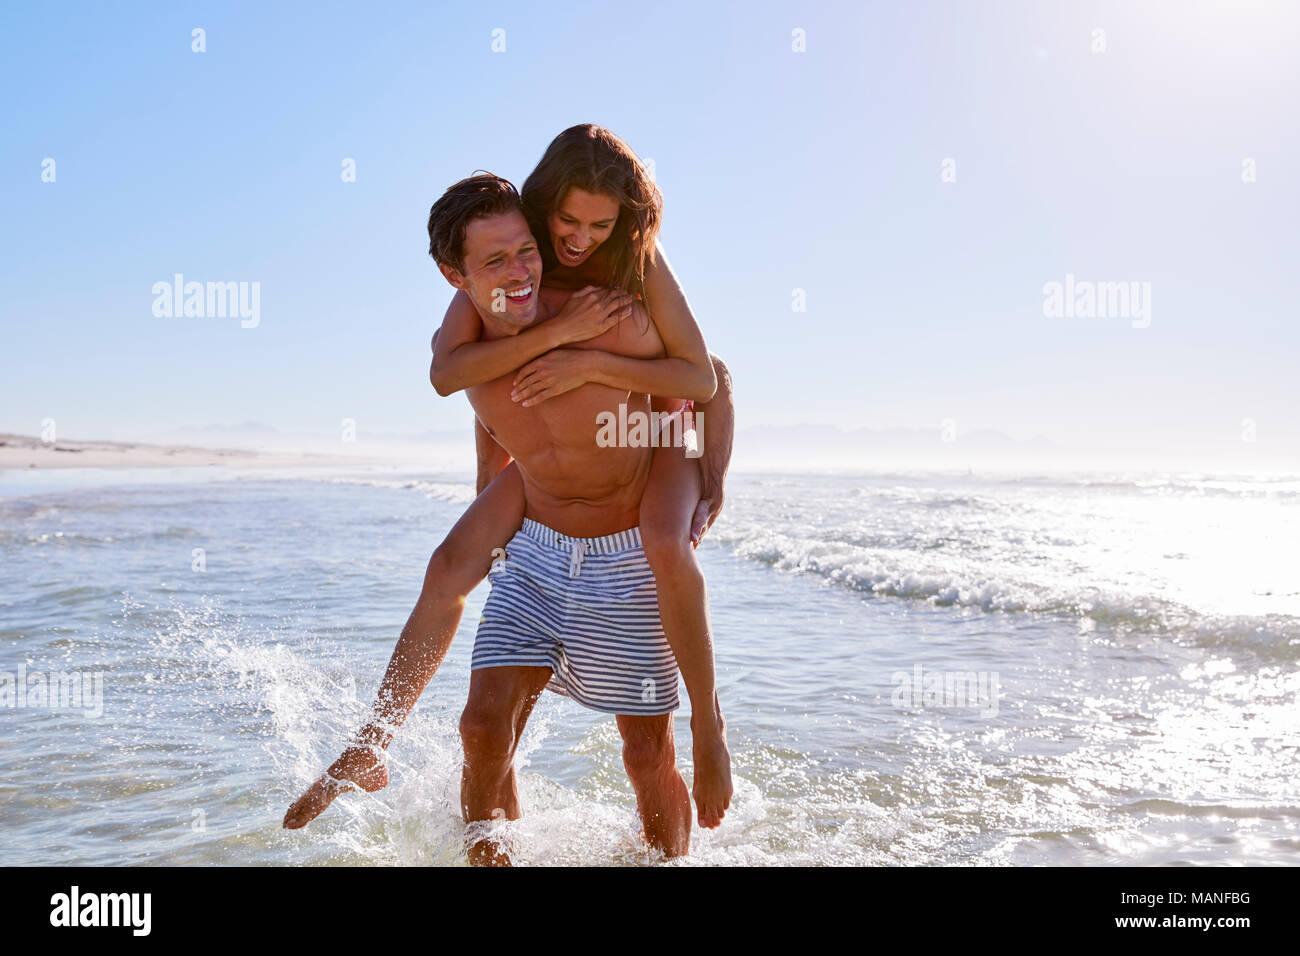 Uomo Donna dando piggyback sulla spiaggia Estate VACANZA Foto Stock